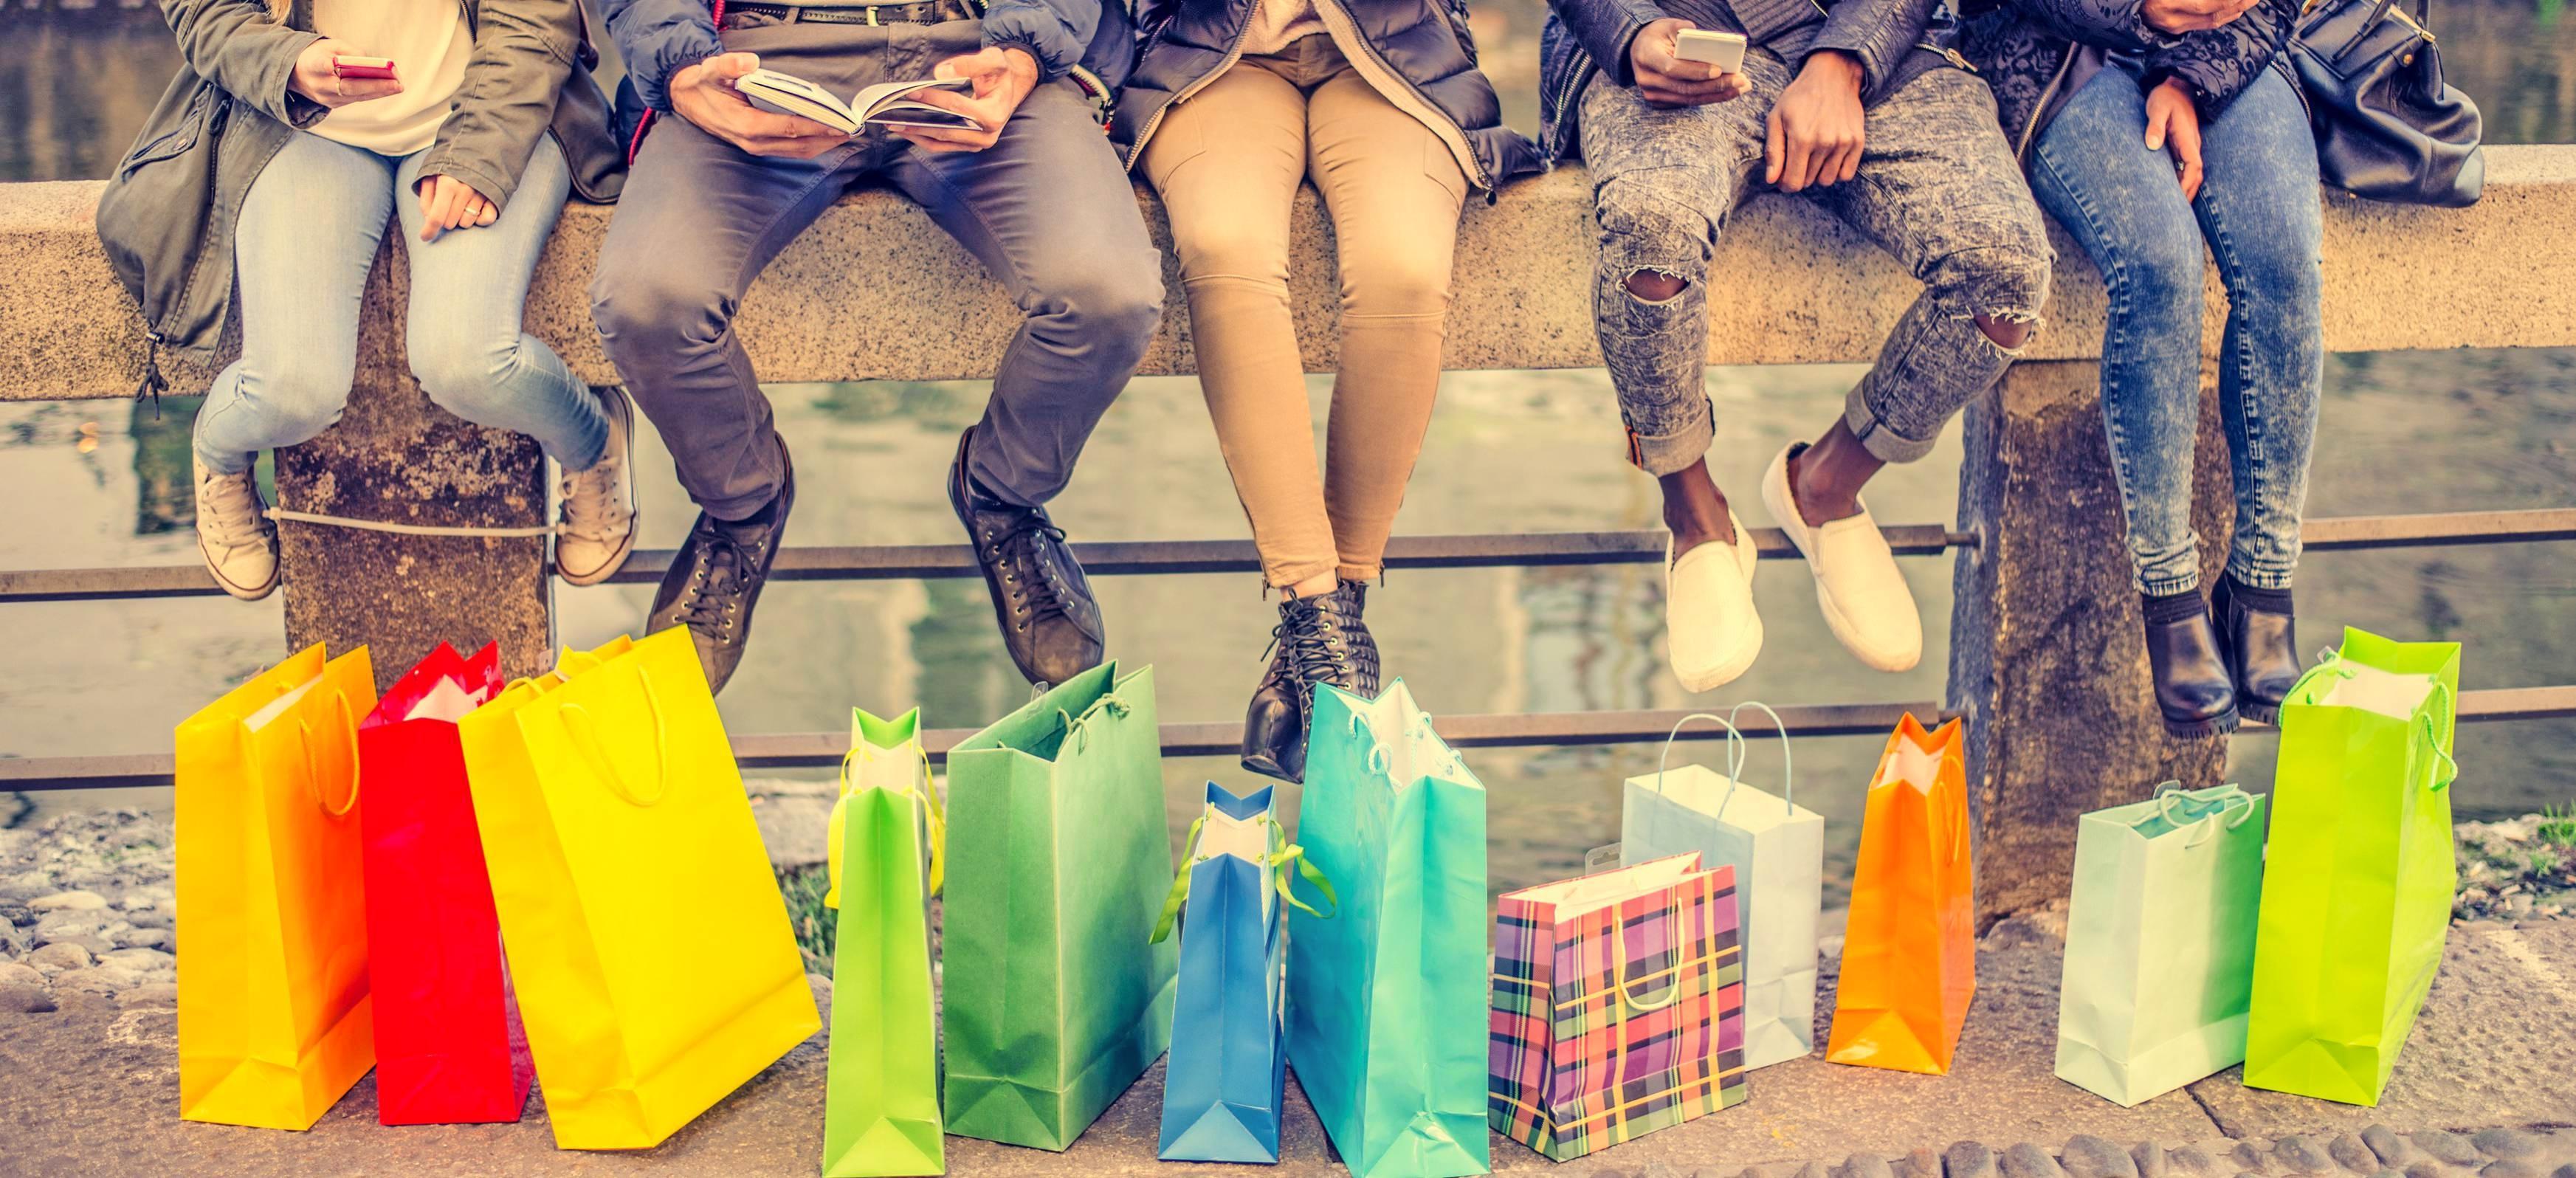 Am Black Freuday lohnt sich ein ausgiebiger Shopping-Bummel ganz besonders. In der Tradition des amerikanischen Black Fridays bieten viele Einzelhändler ihre Ware zu stark reduzierten Preisen an. Foto: oneinchpunch/stock.adobe.com